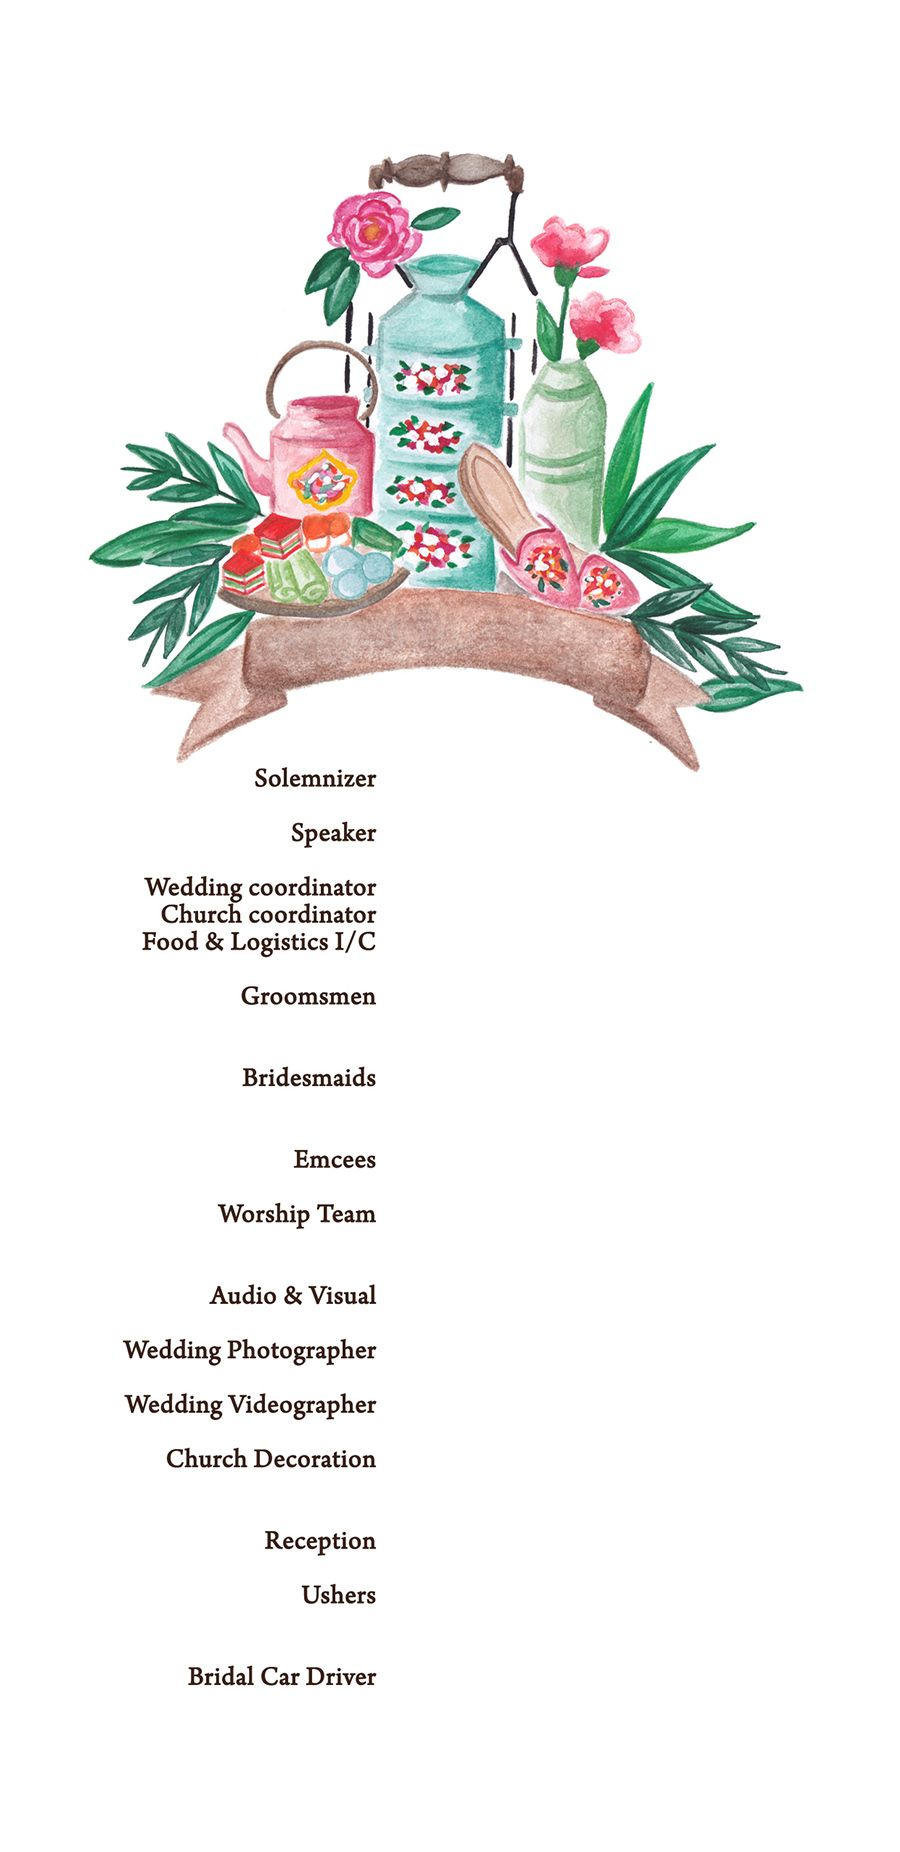 Data Togel Penang : togel, penang, Printable:, Peranakan-Themed, Hand-Drawn, Wedding, Stationery, Sets,, Stationery,, Drawn